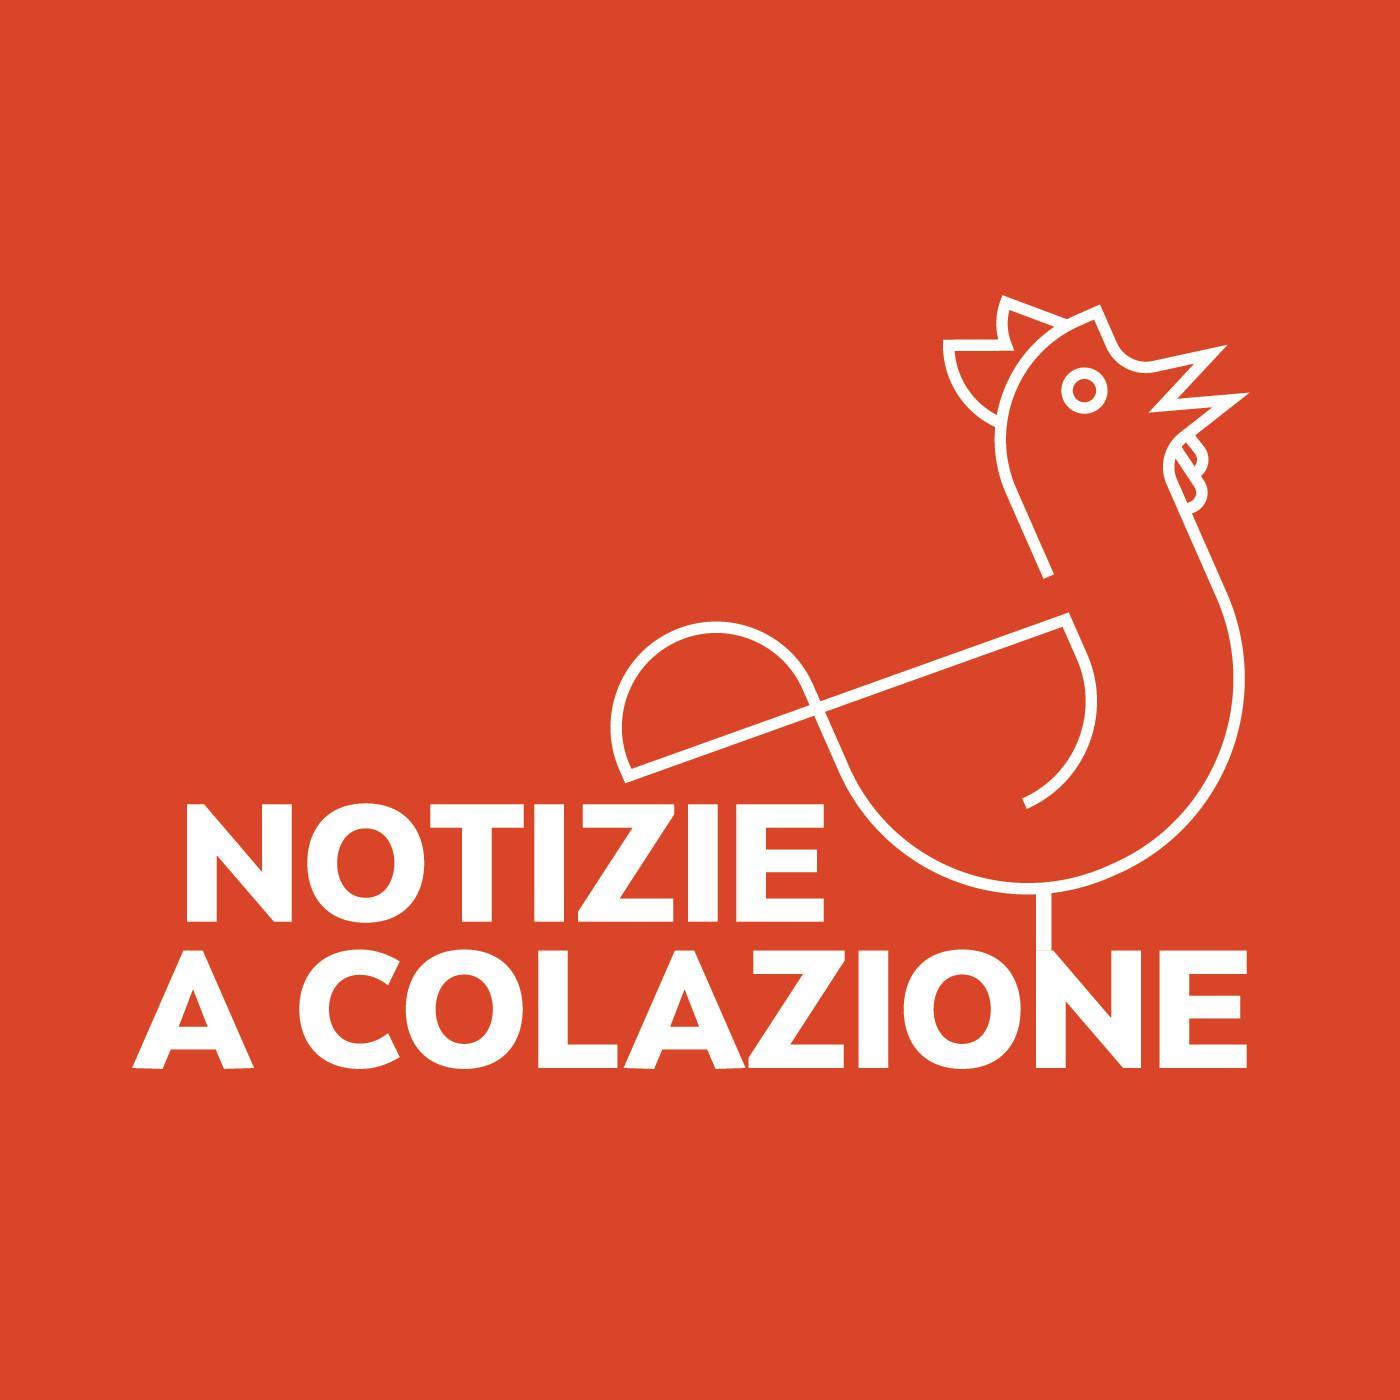 Notizie a Colazione logo